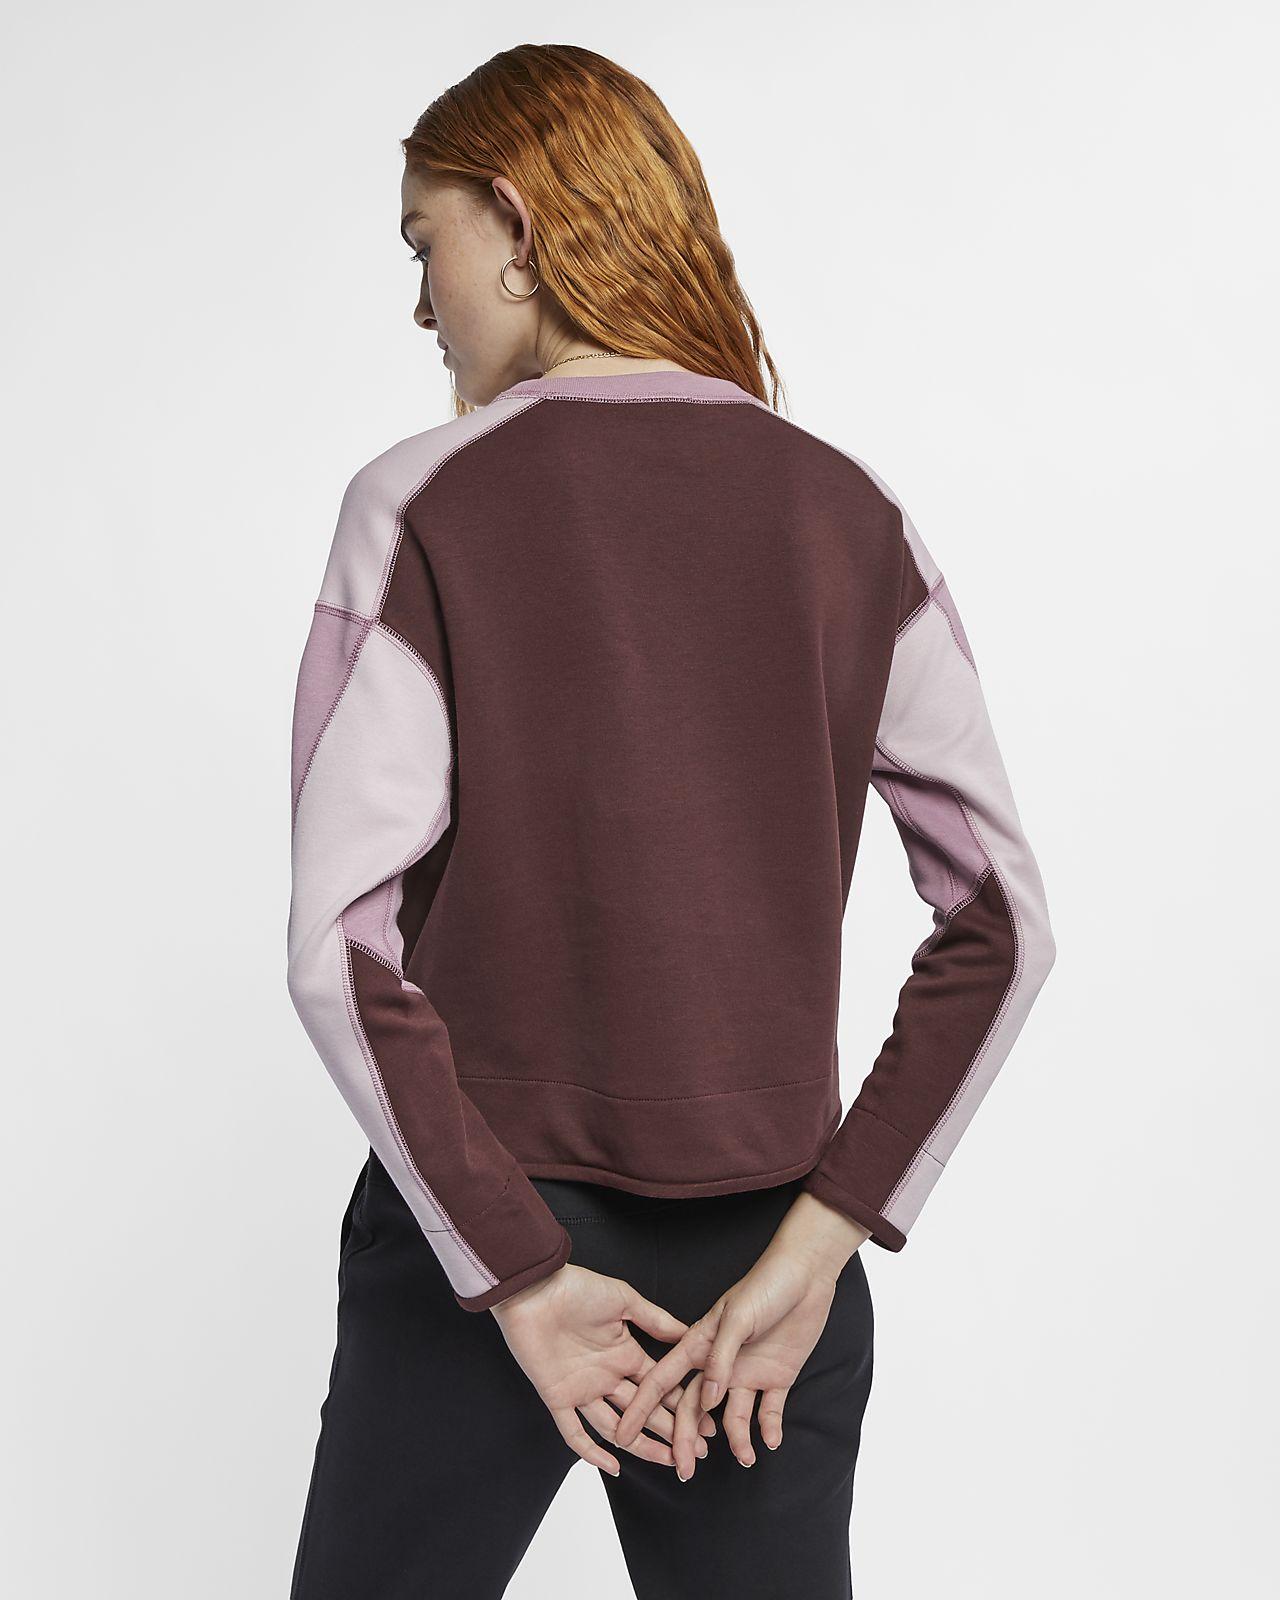 11daa2b25650 Γυναικεία μπλούζα Nike Sportswear Tech Fleece. Nike.com GR